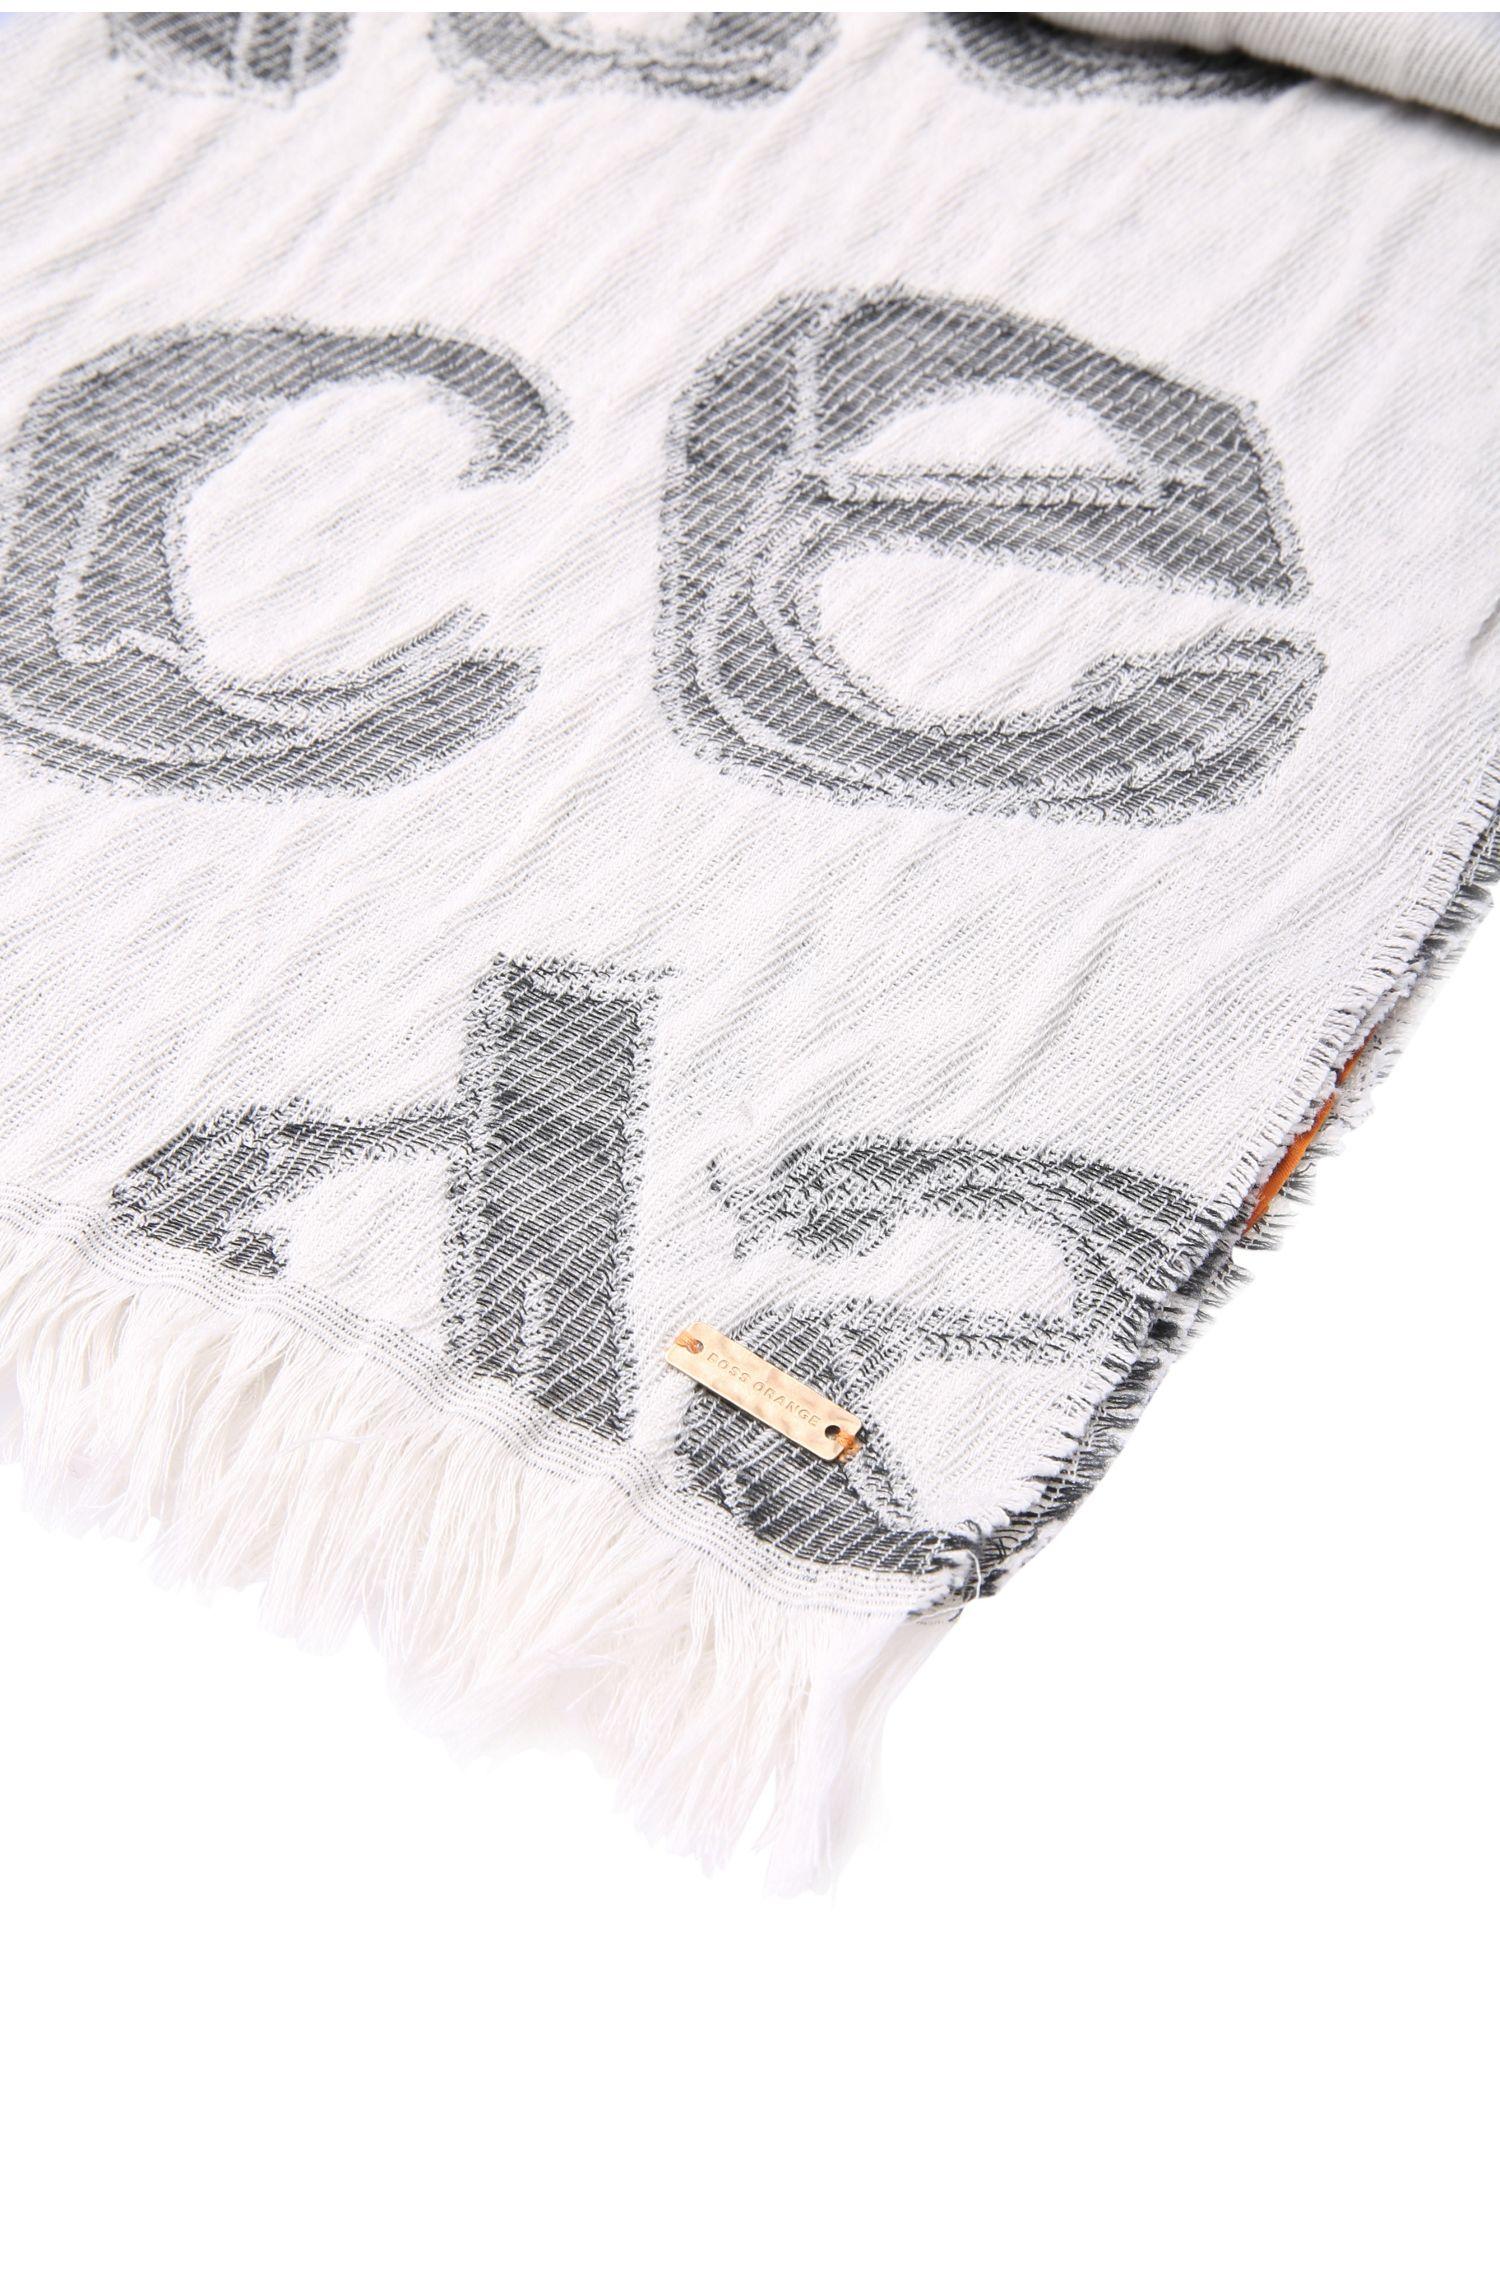 Sjaal met print, van een materiaalmix met katoen en wol: 'Naprinta'